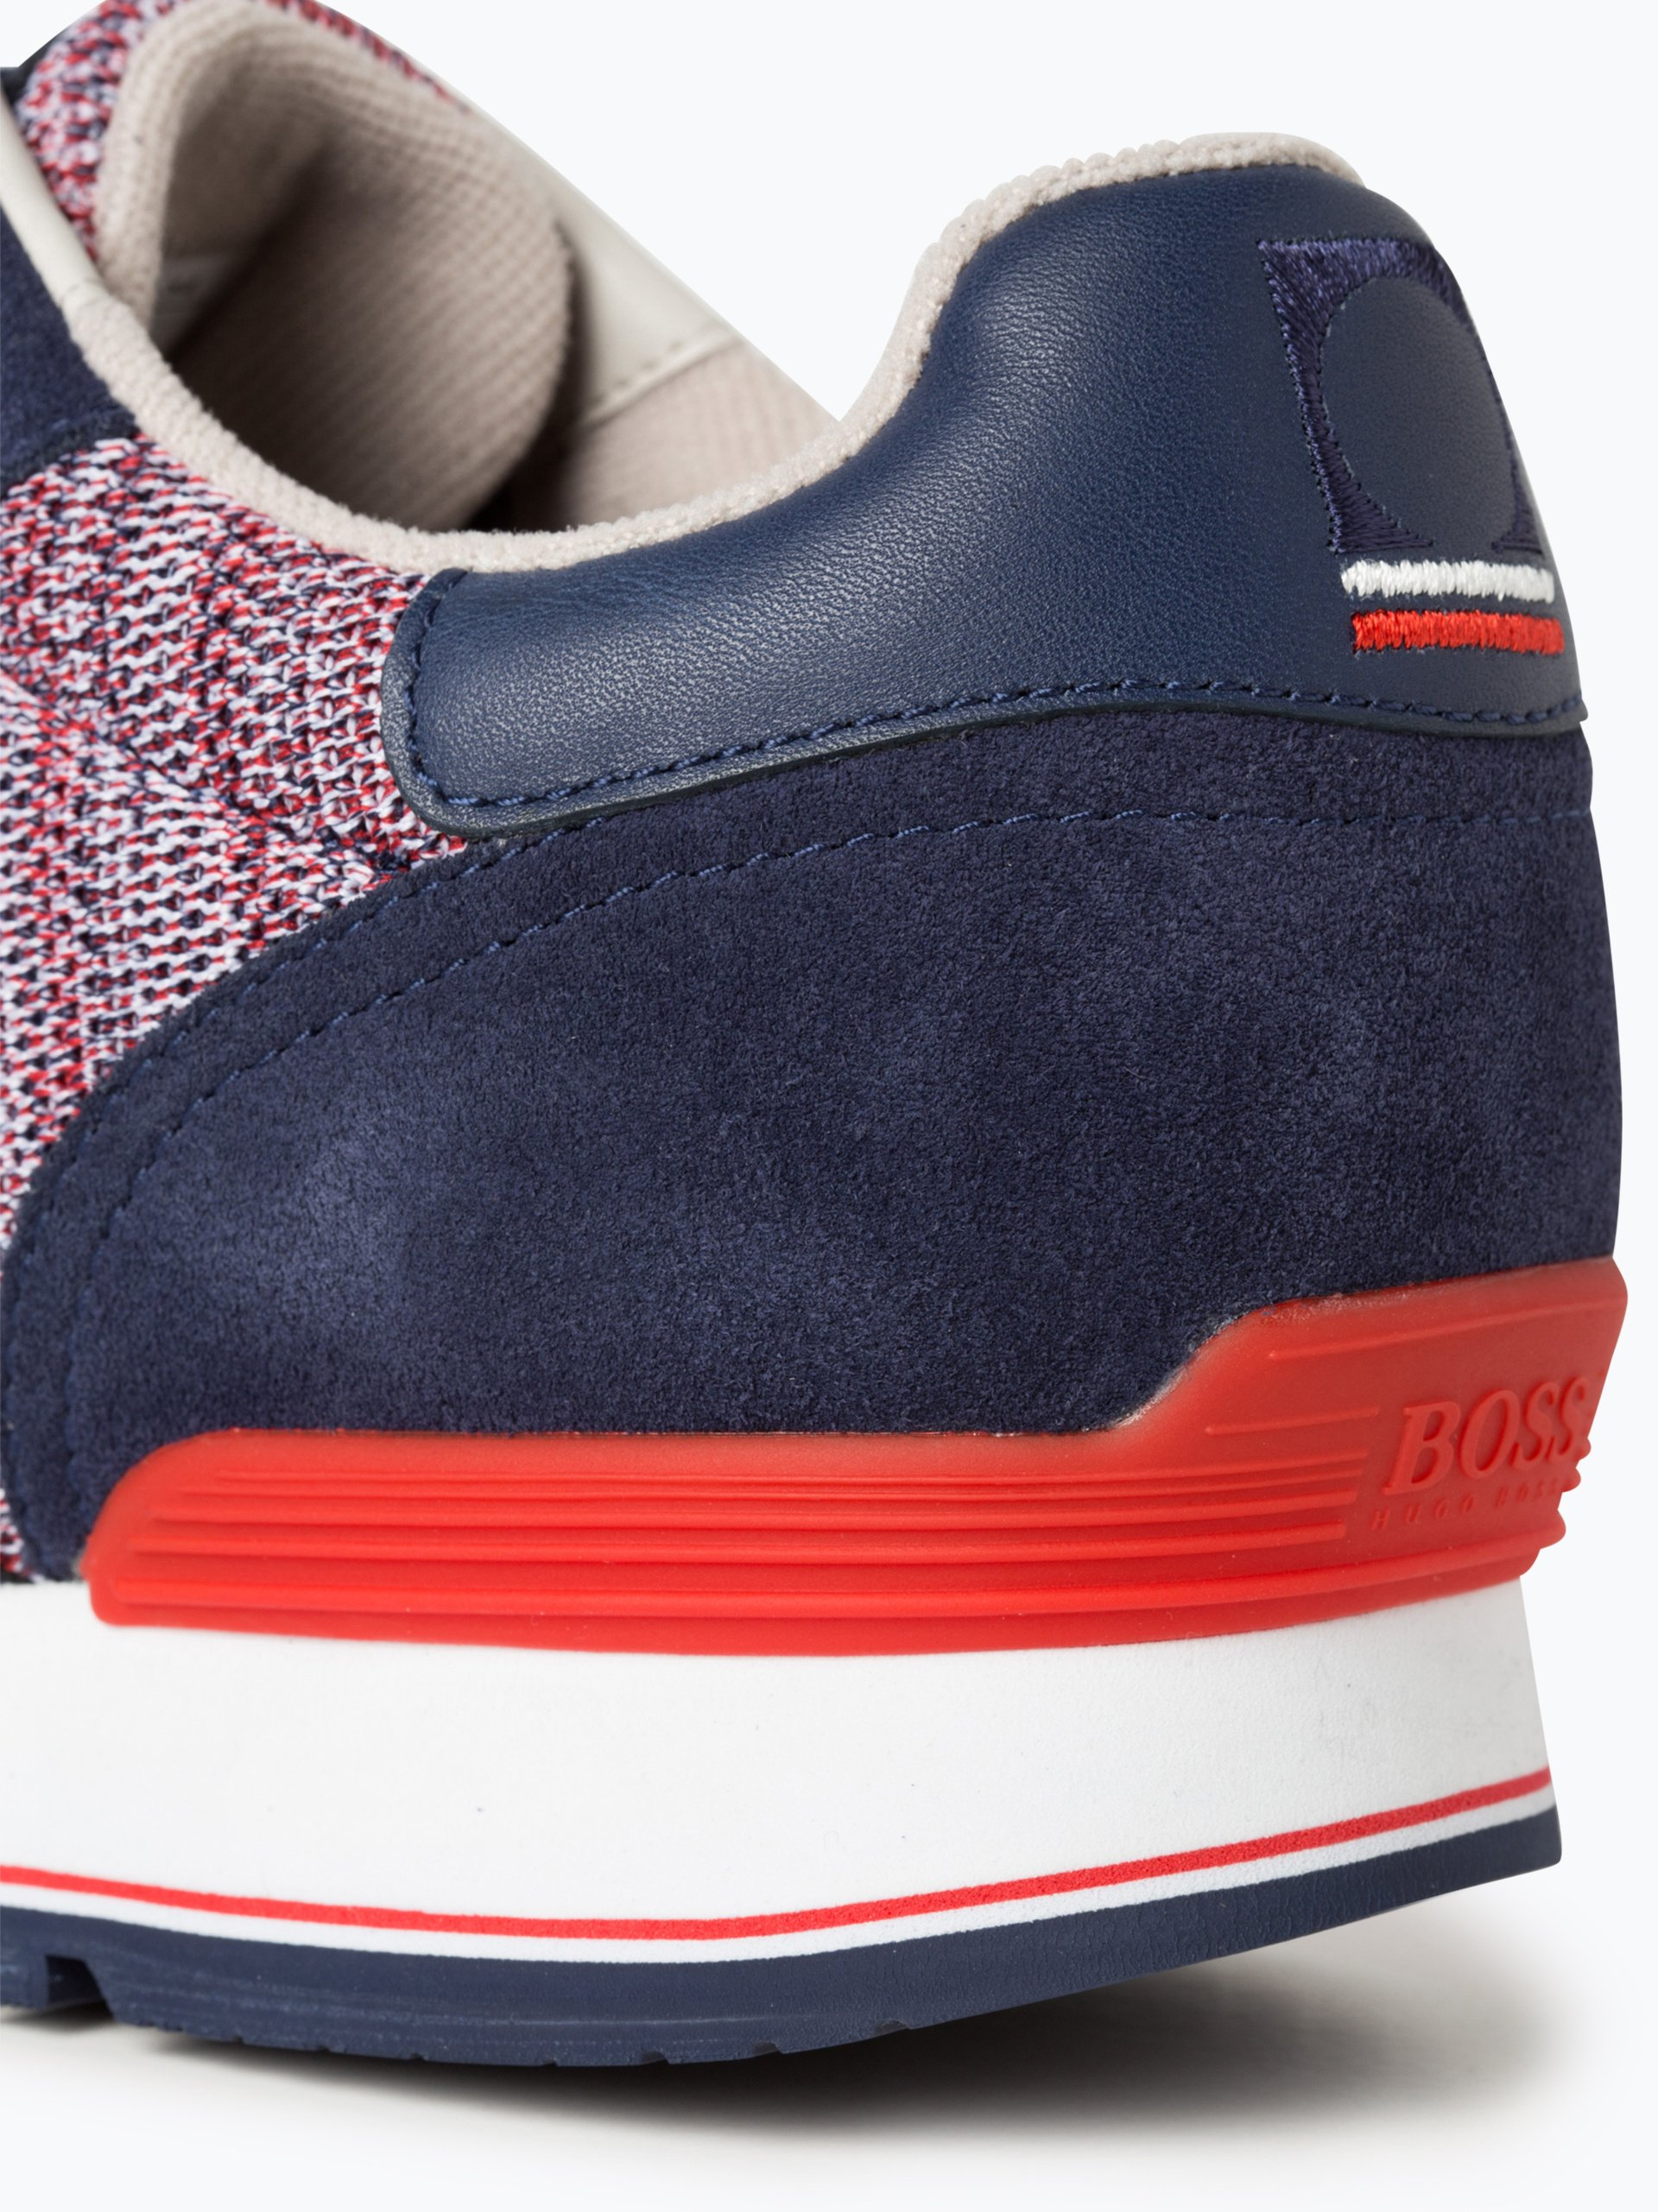 BOSS Athleisurewear Herren Sneaker mit Leder-Anteil - Parkour_Runn_flag